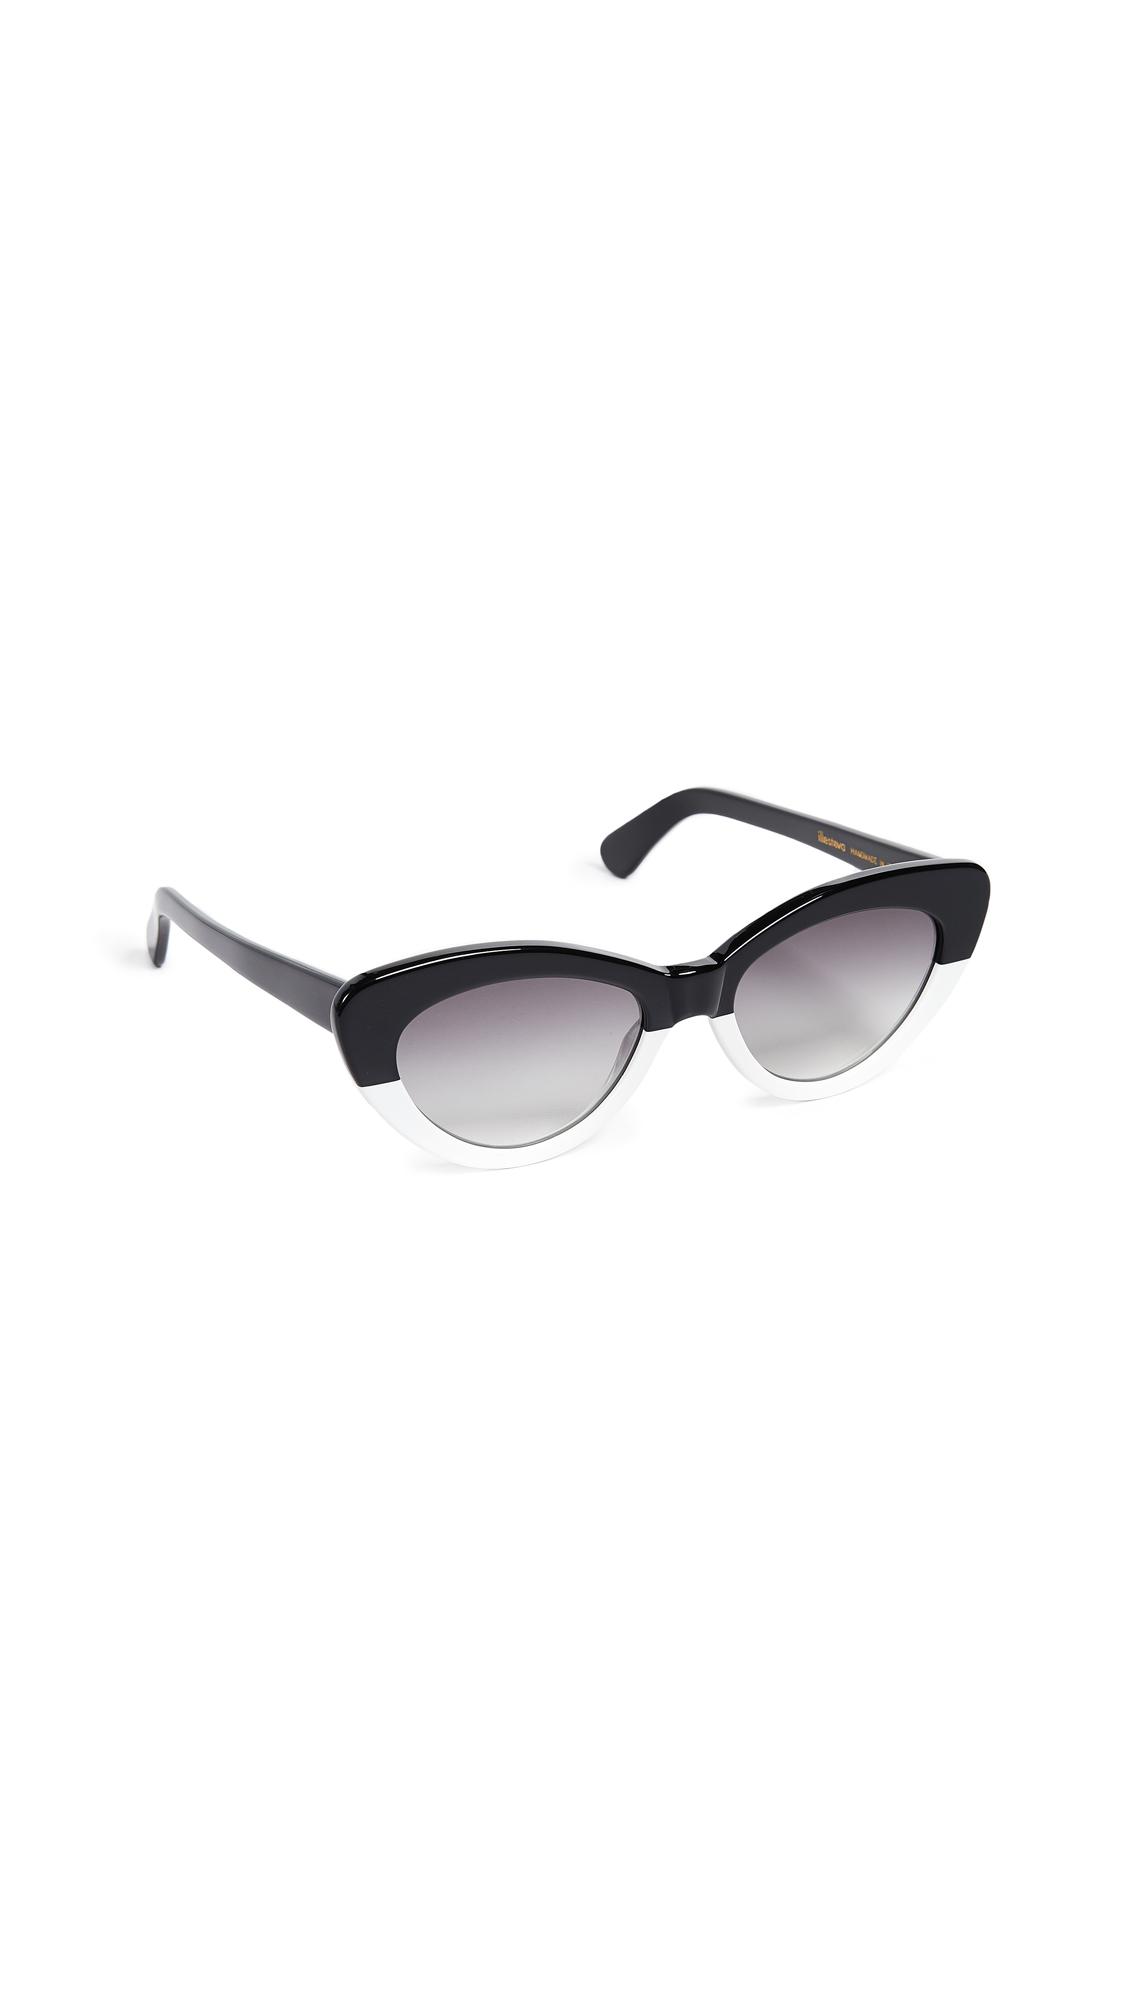 Illesteva Pamela Half & Half Sunglasses In Black White/Grey